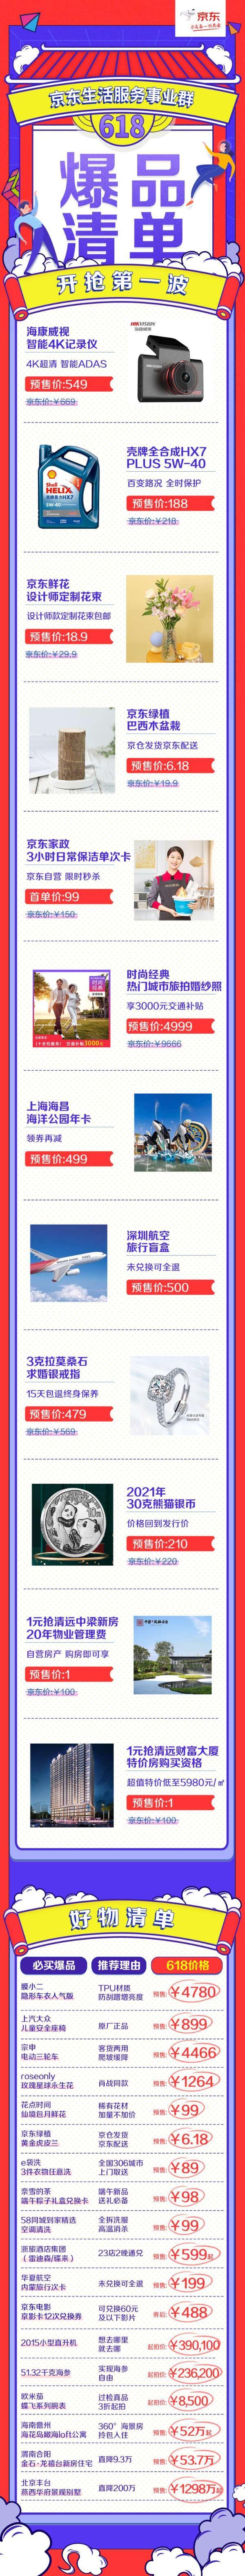 京东618预售开启!热门航线往返机票仅500元、五折车品超值来袭